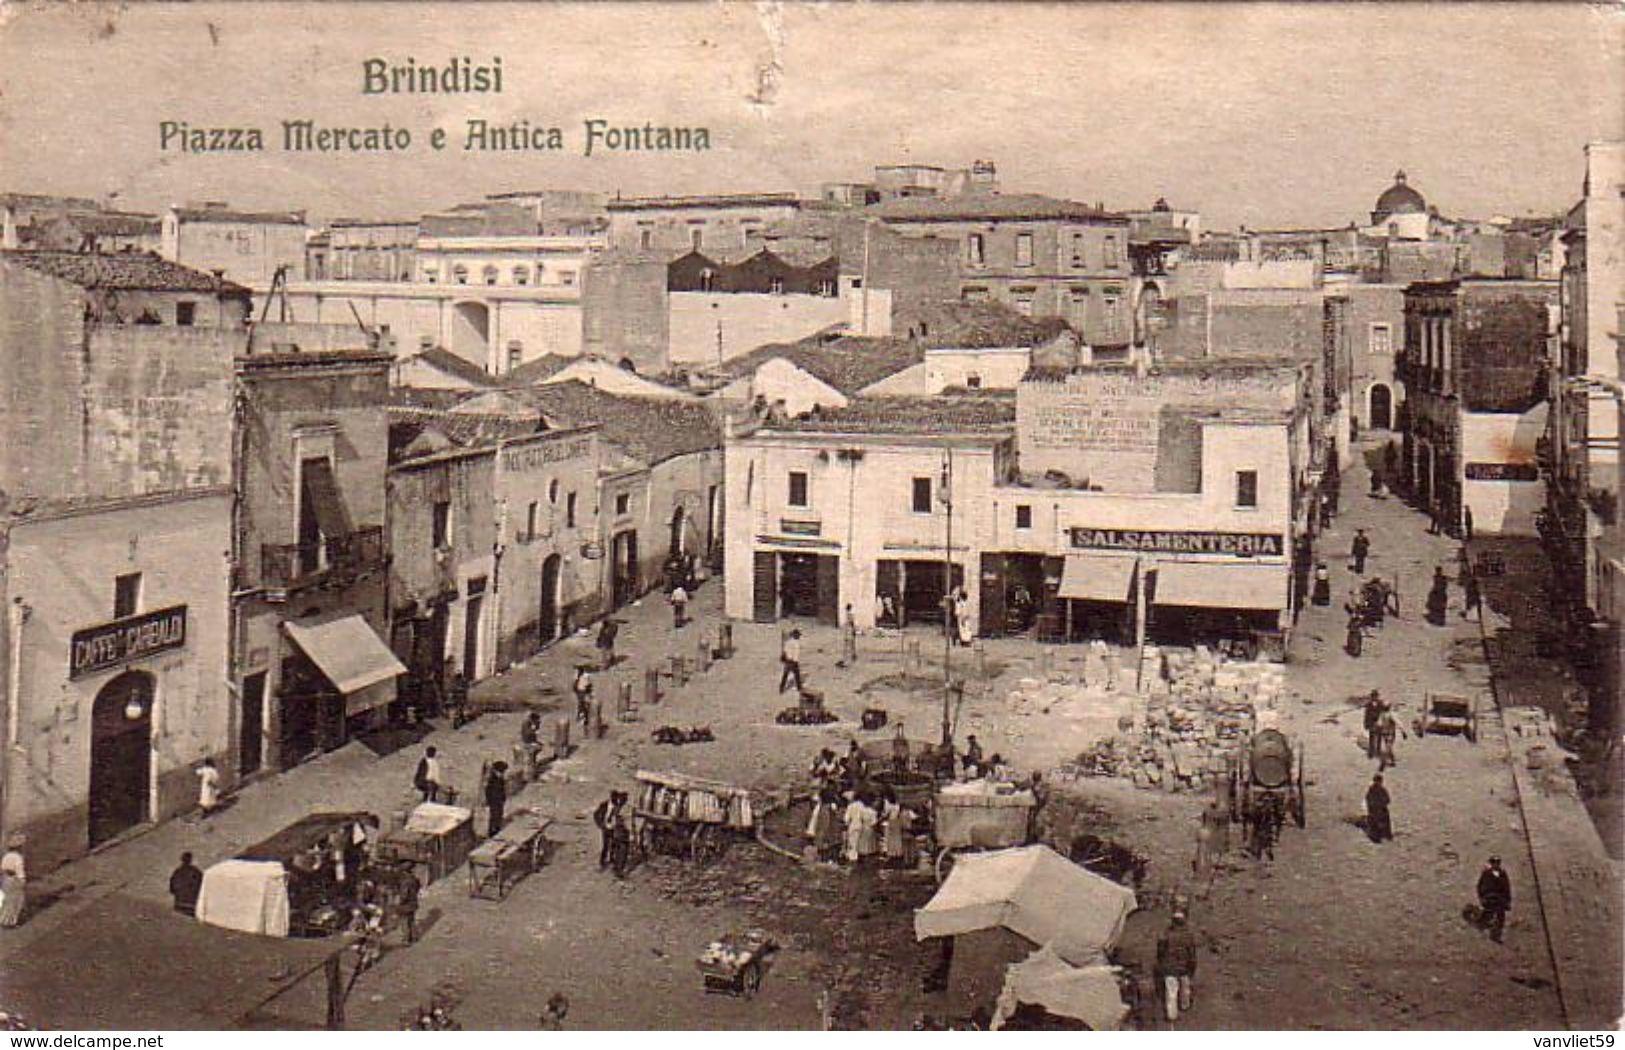 BRINDISI-PIAZZA MERCATO E ANTICA FONTANA-CARTOLINA VIAGGIATA IL 27-9-1911 - Brindisi